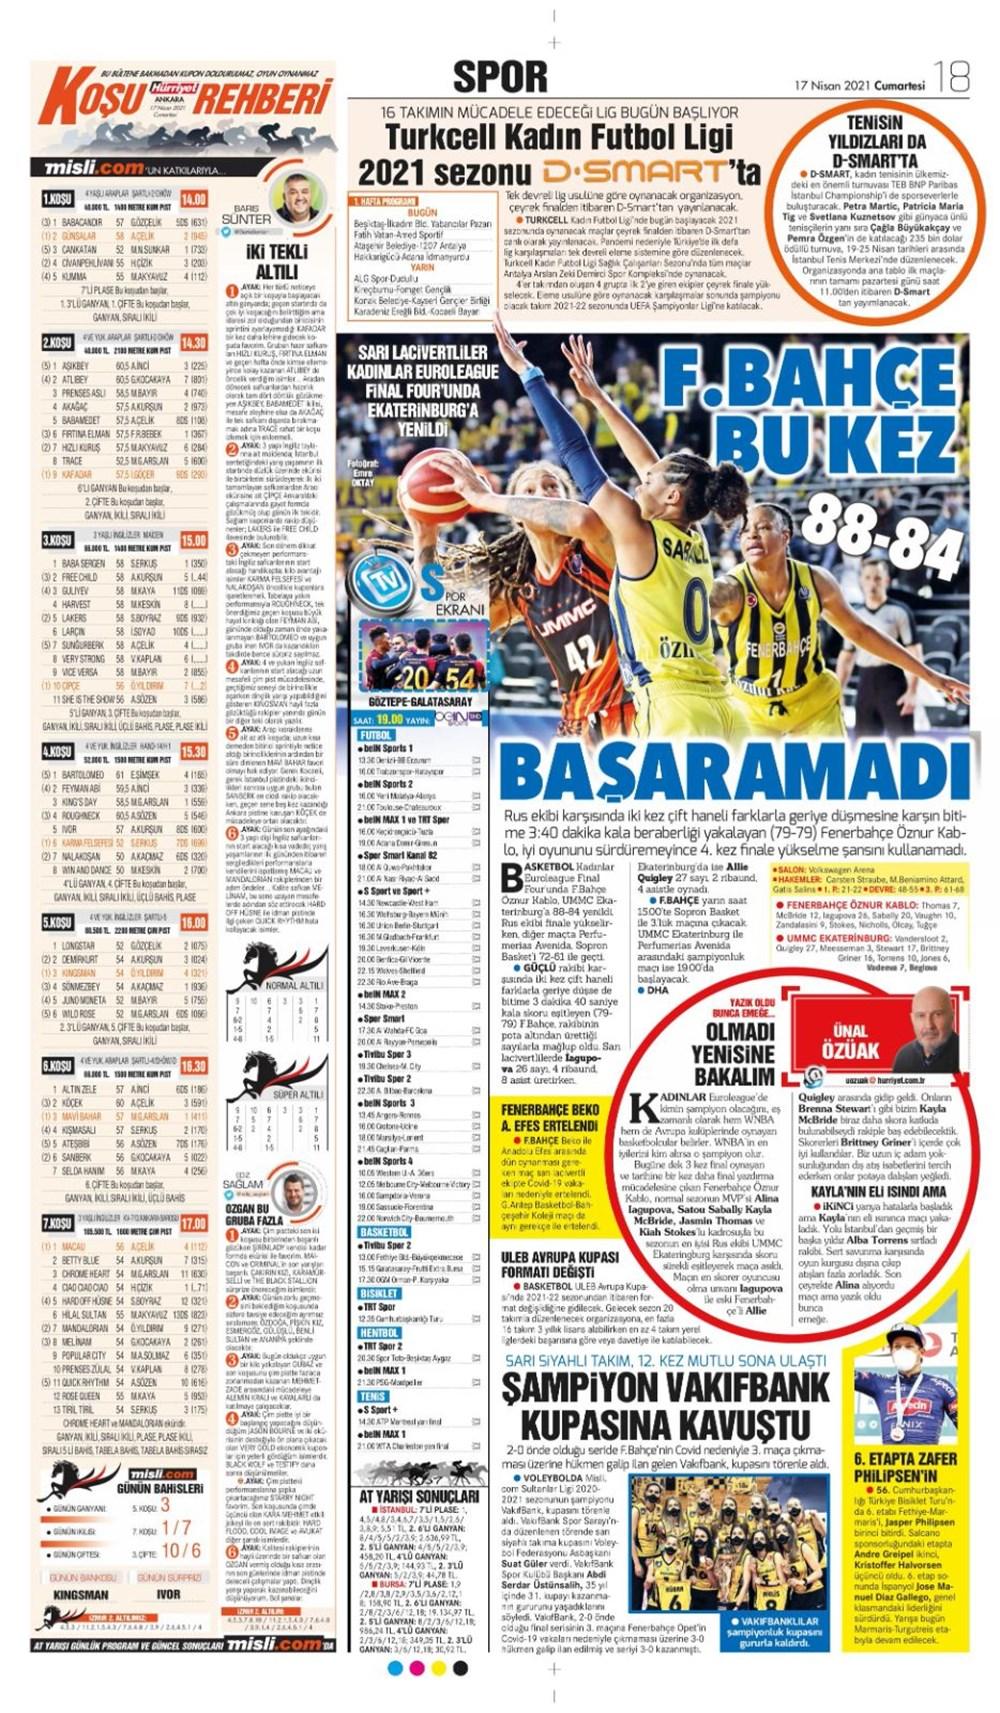 Günün spor manşetleri (17 Nisan 2021) - 10